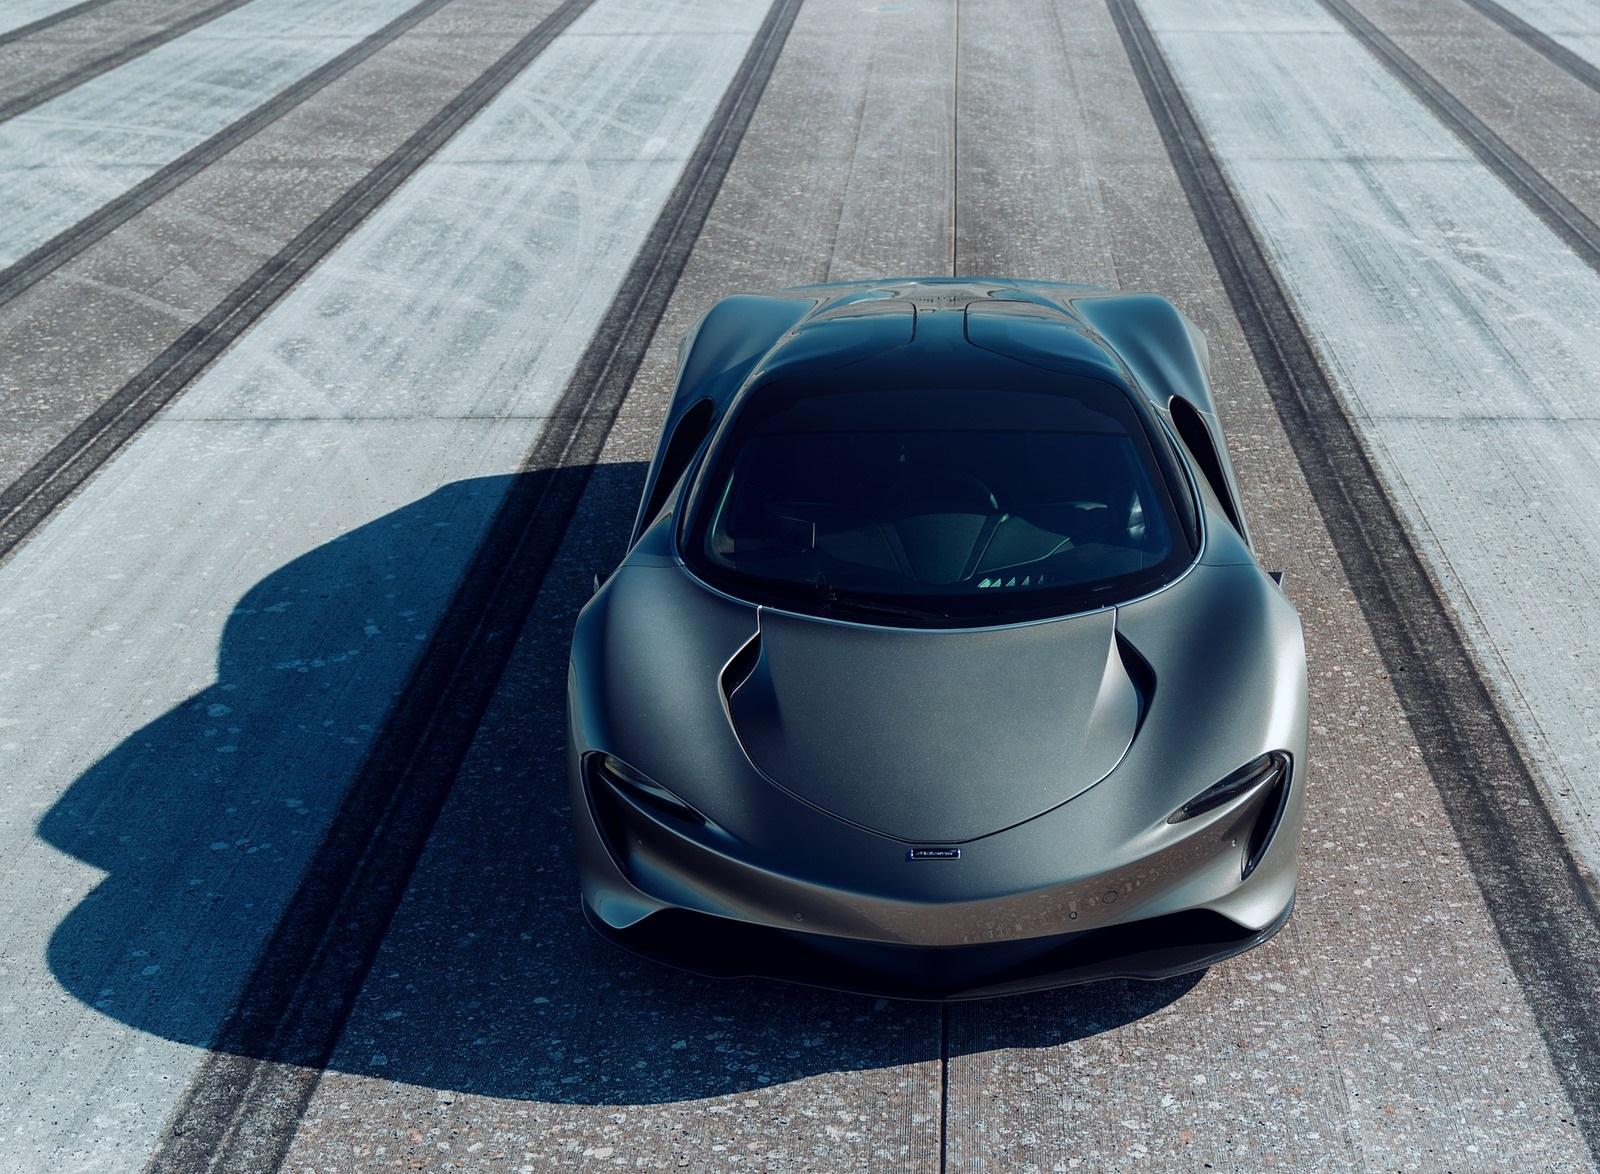 2019 McLaren Speedtail Front Wallpapers #5 of 39